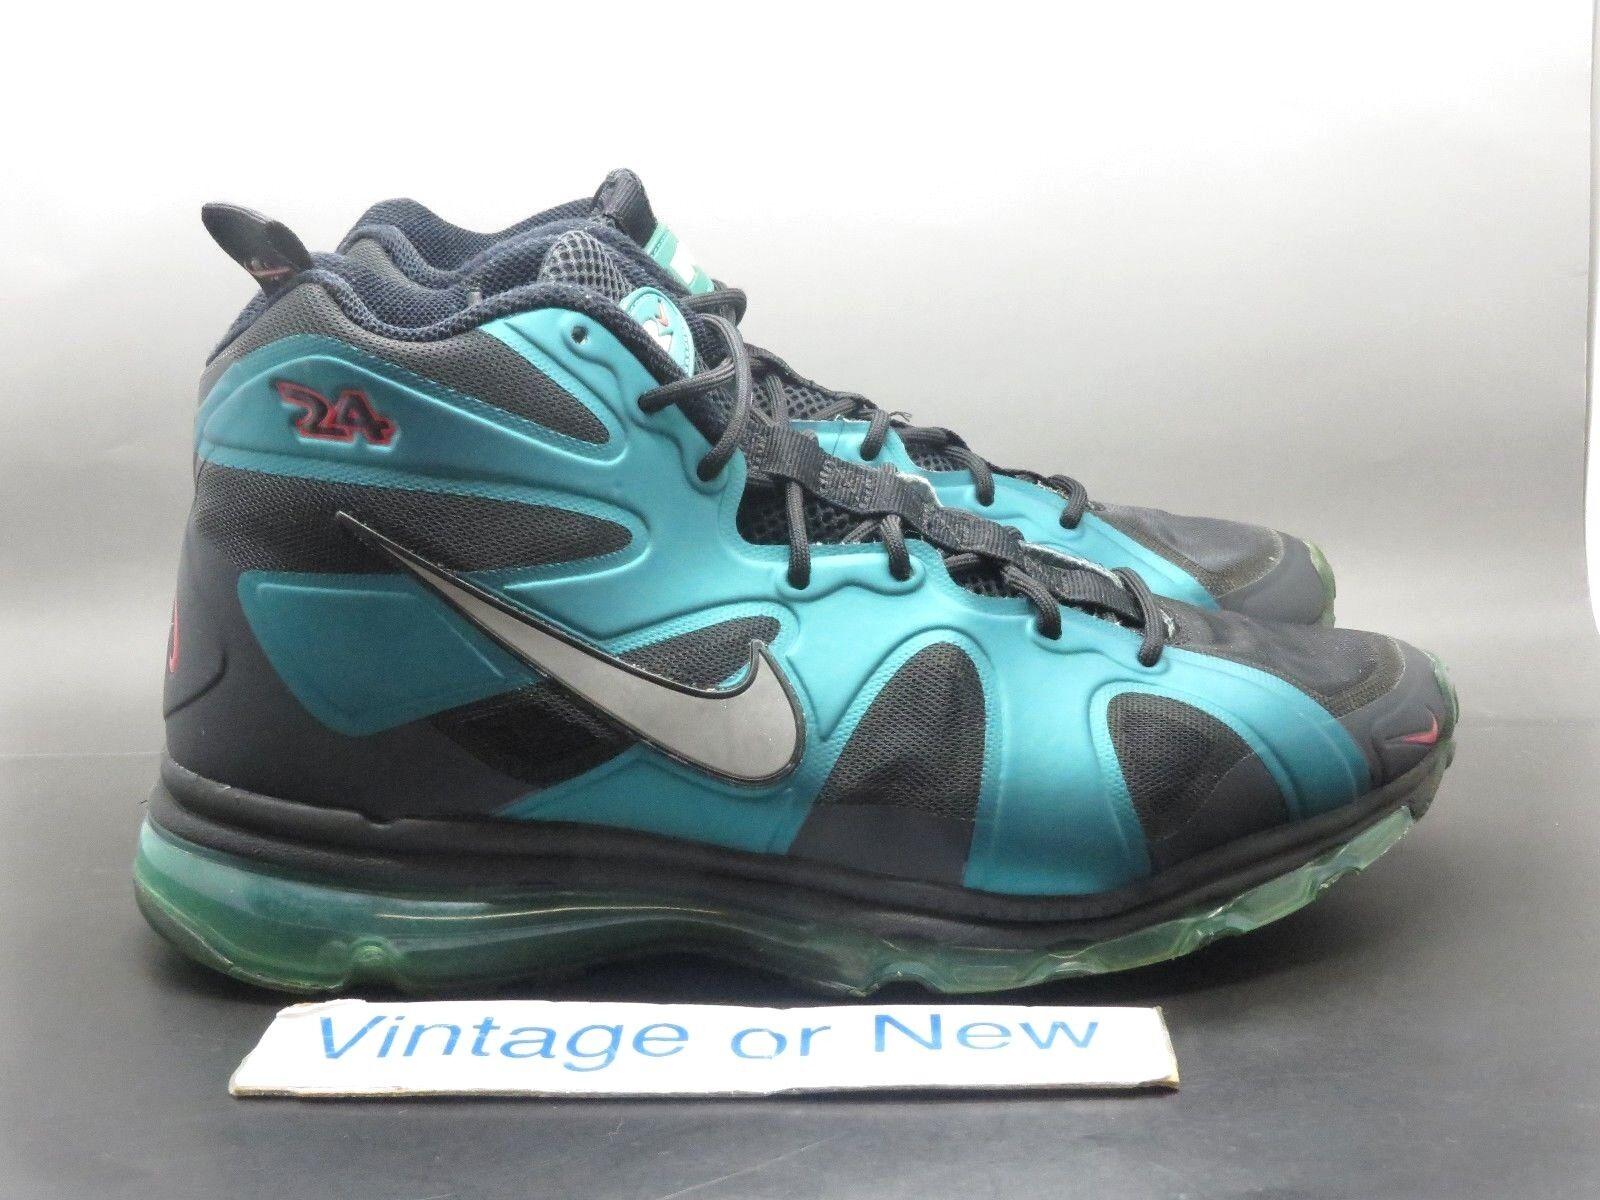 Nike Air Max Griffey Fury Fuse sz Freshwater Black Silver 2012 sz Fuse 8 09e7f6